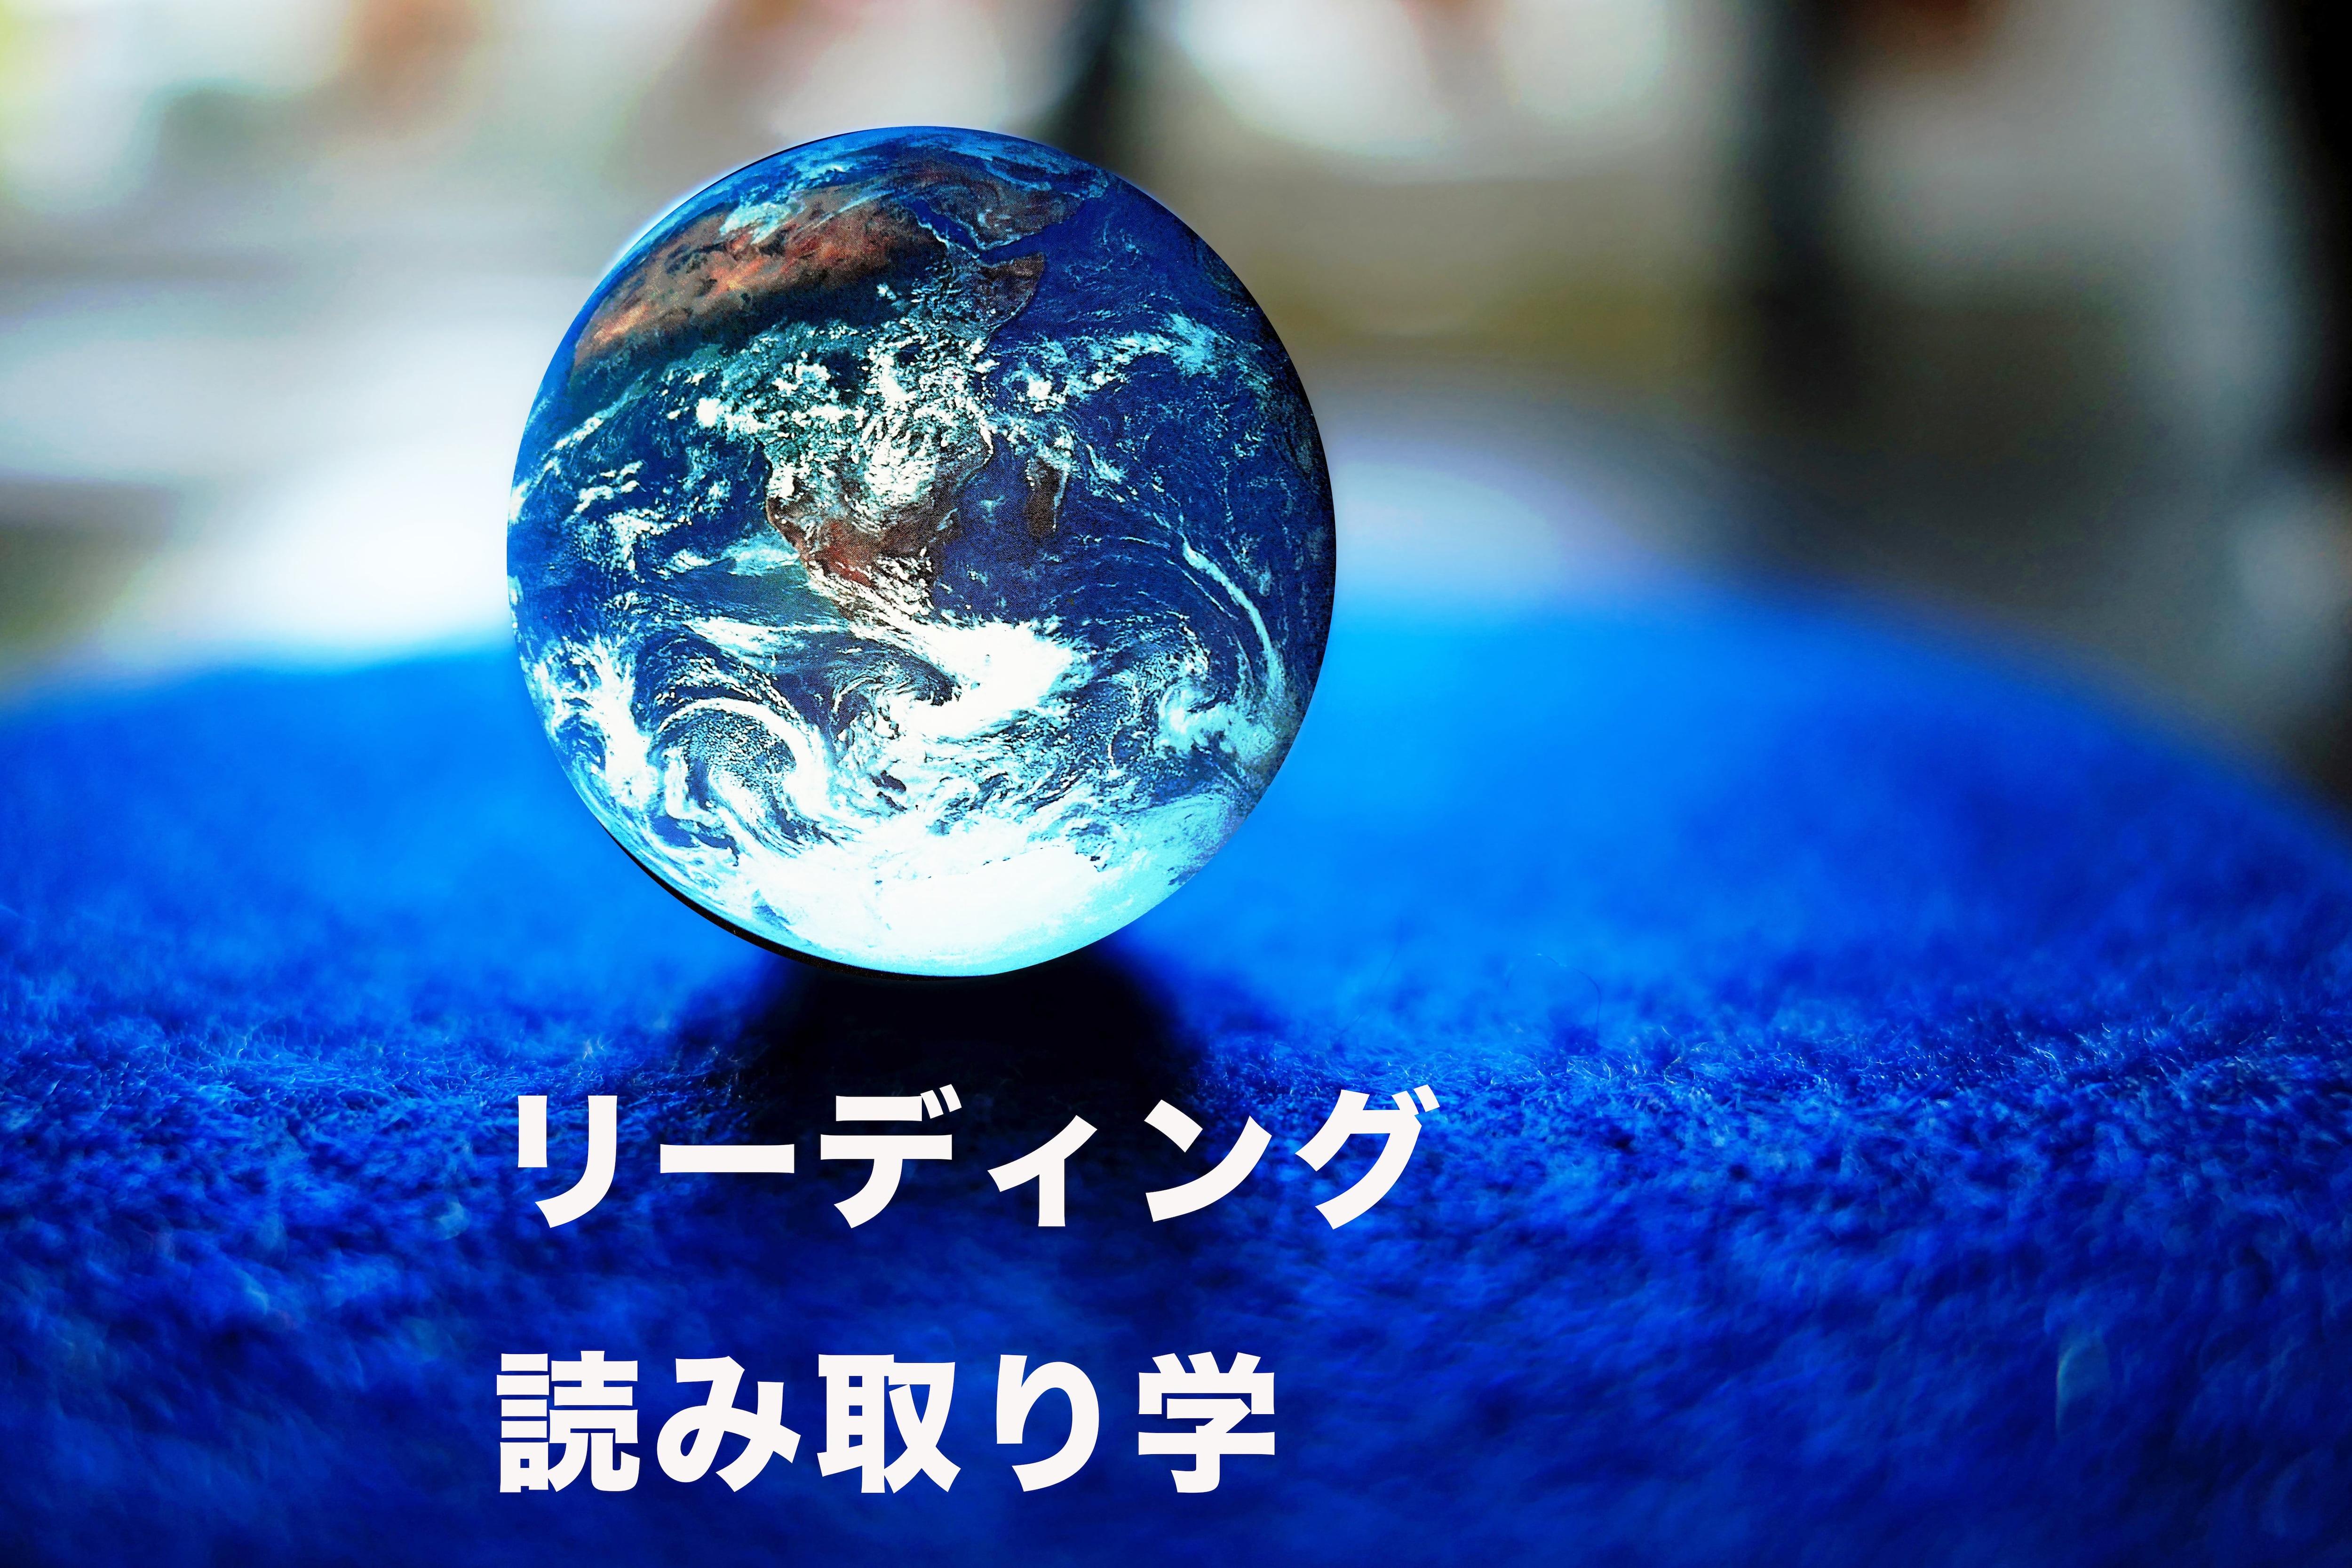 【地球創生SNS会員価格】リーディング・読み取り学 オンライン講義+読み取りワーク(3日間チケット付)のイメージその2